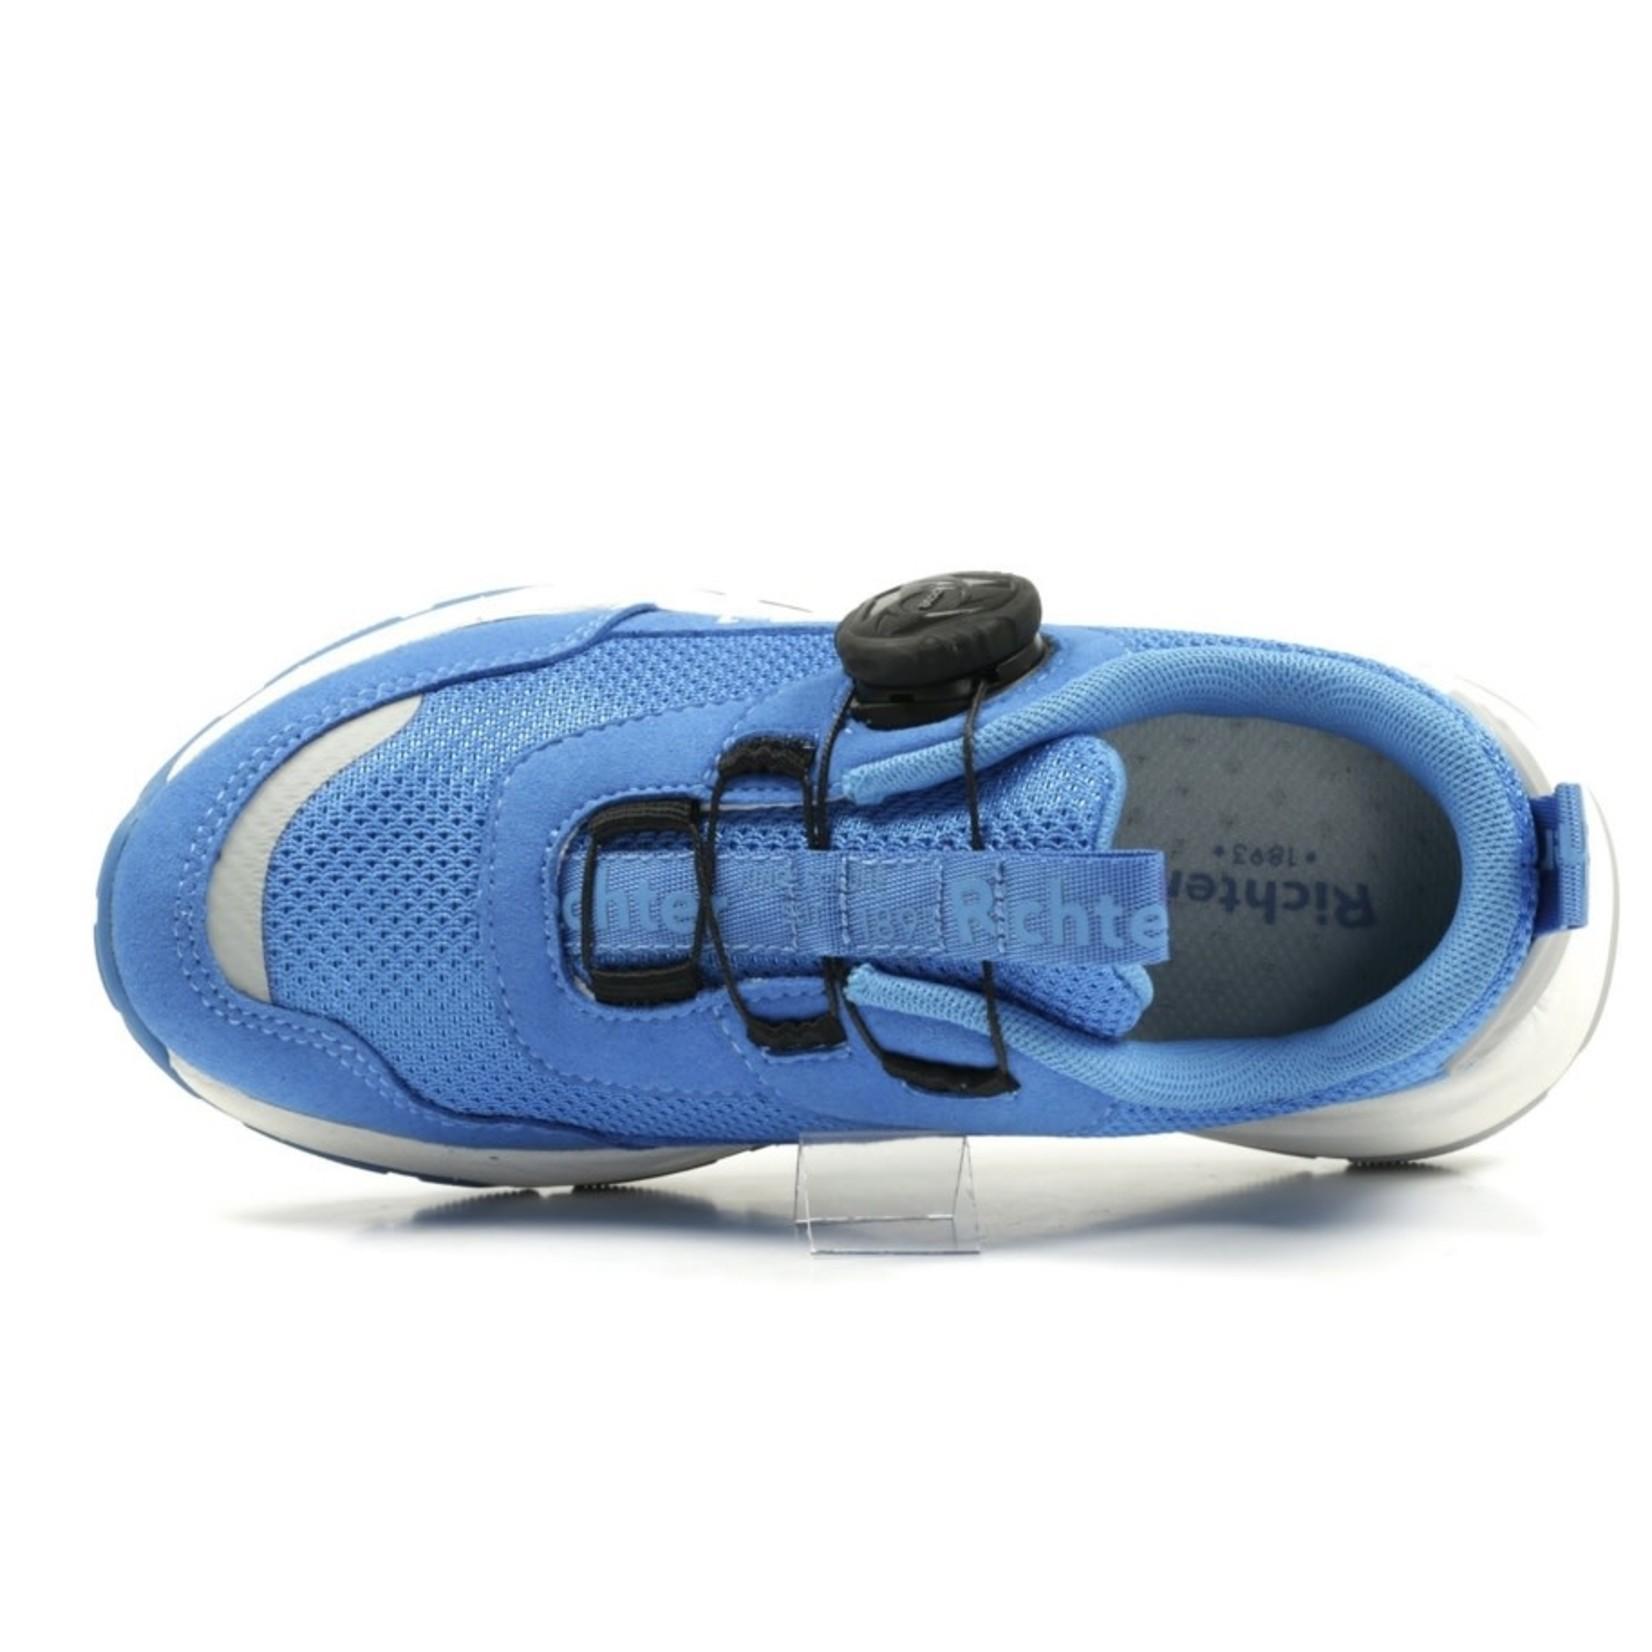 Richter Richter Sneaker Draaiknop Cobalt